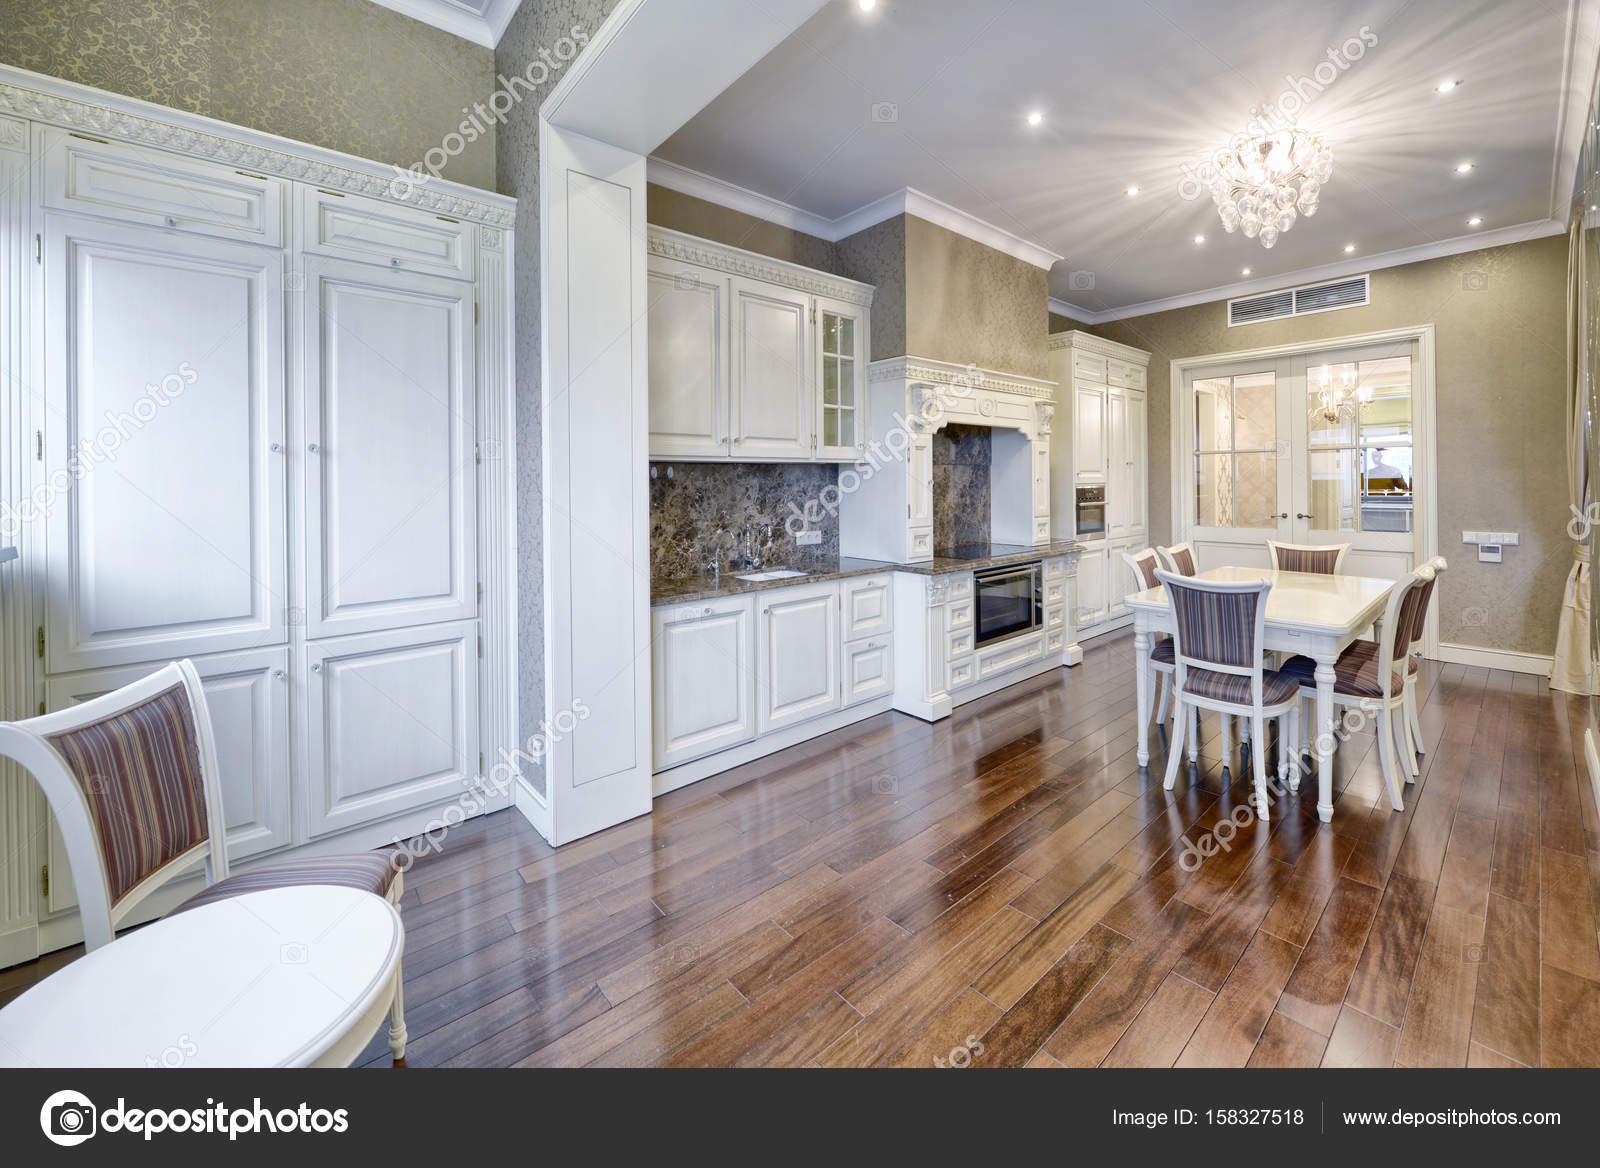 Cocina blanca de diseño moderno en un amplio apartamento — Foto de ...